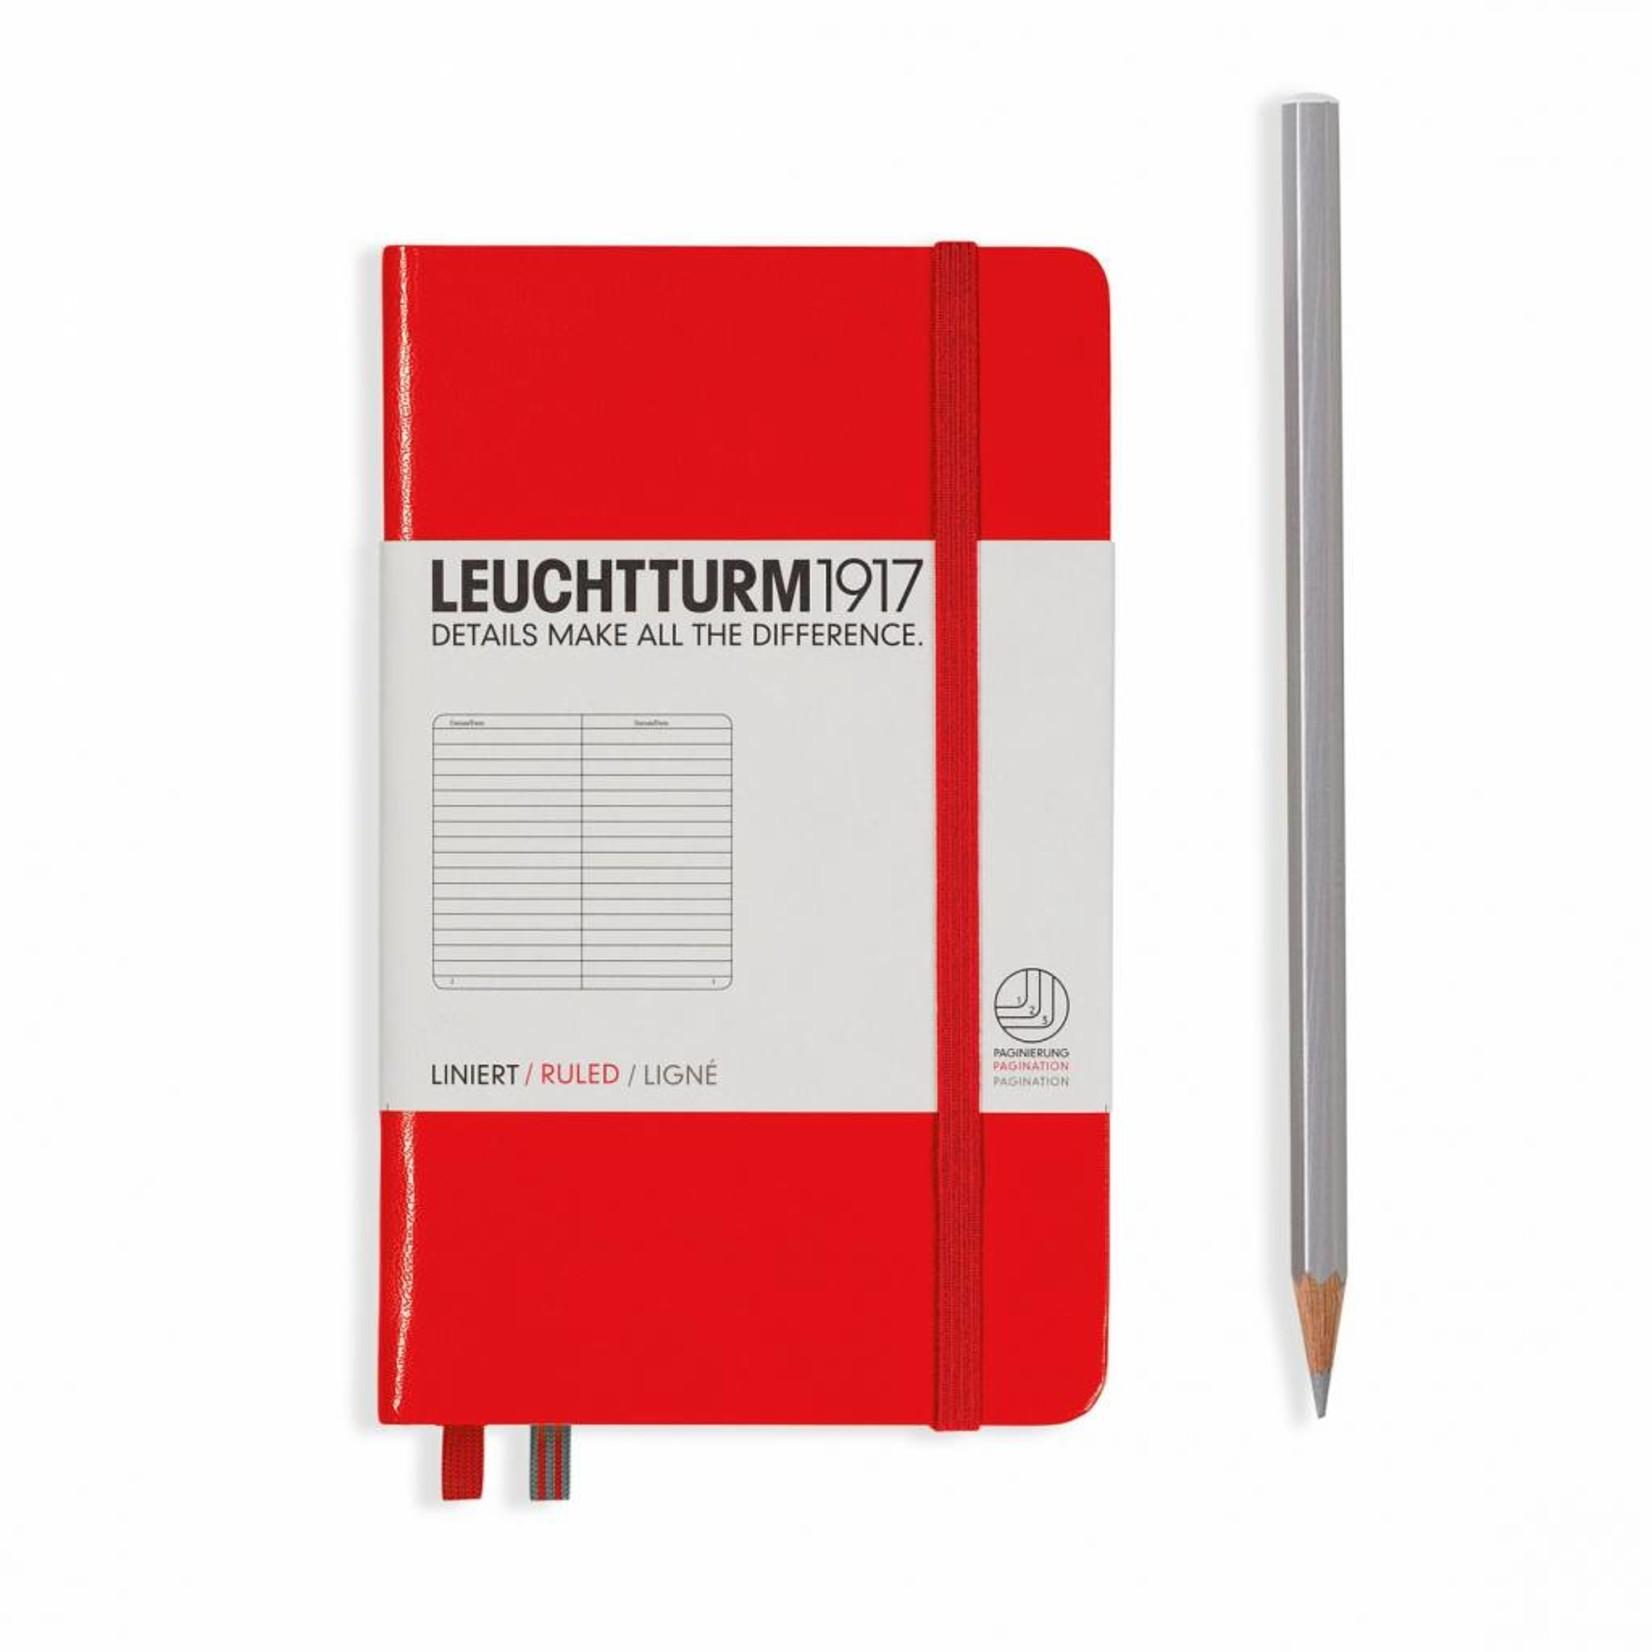 Leuchtturm1917 Leuchtturm1917 Notizbuch, Pocket, Rot, Liniert